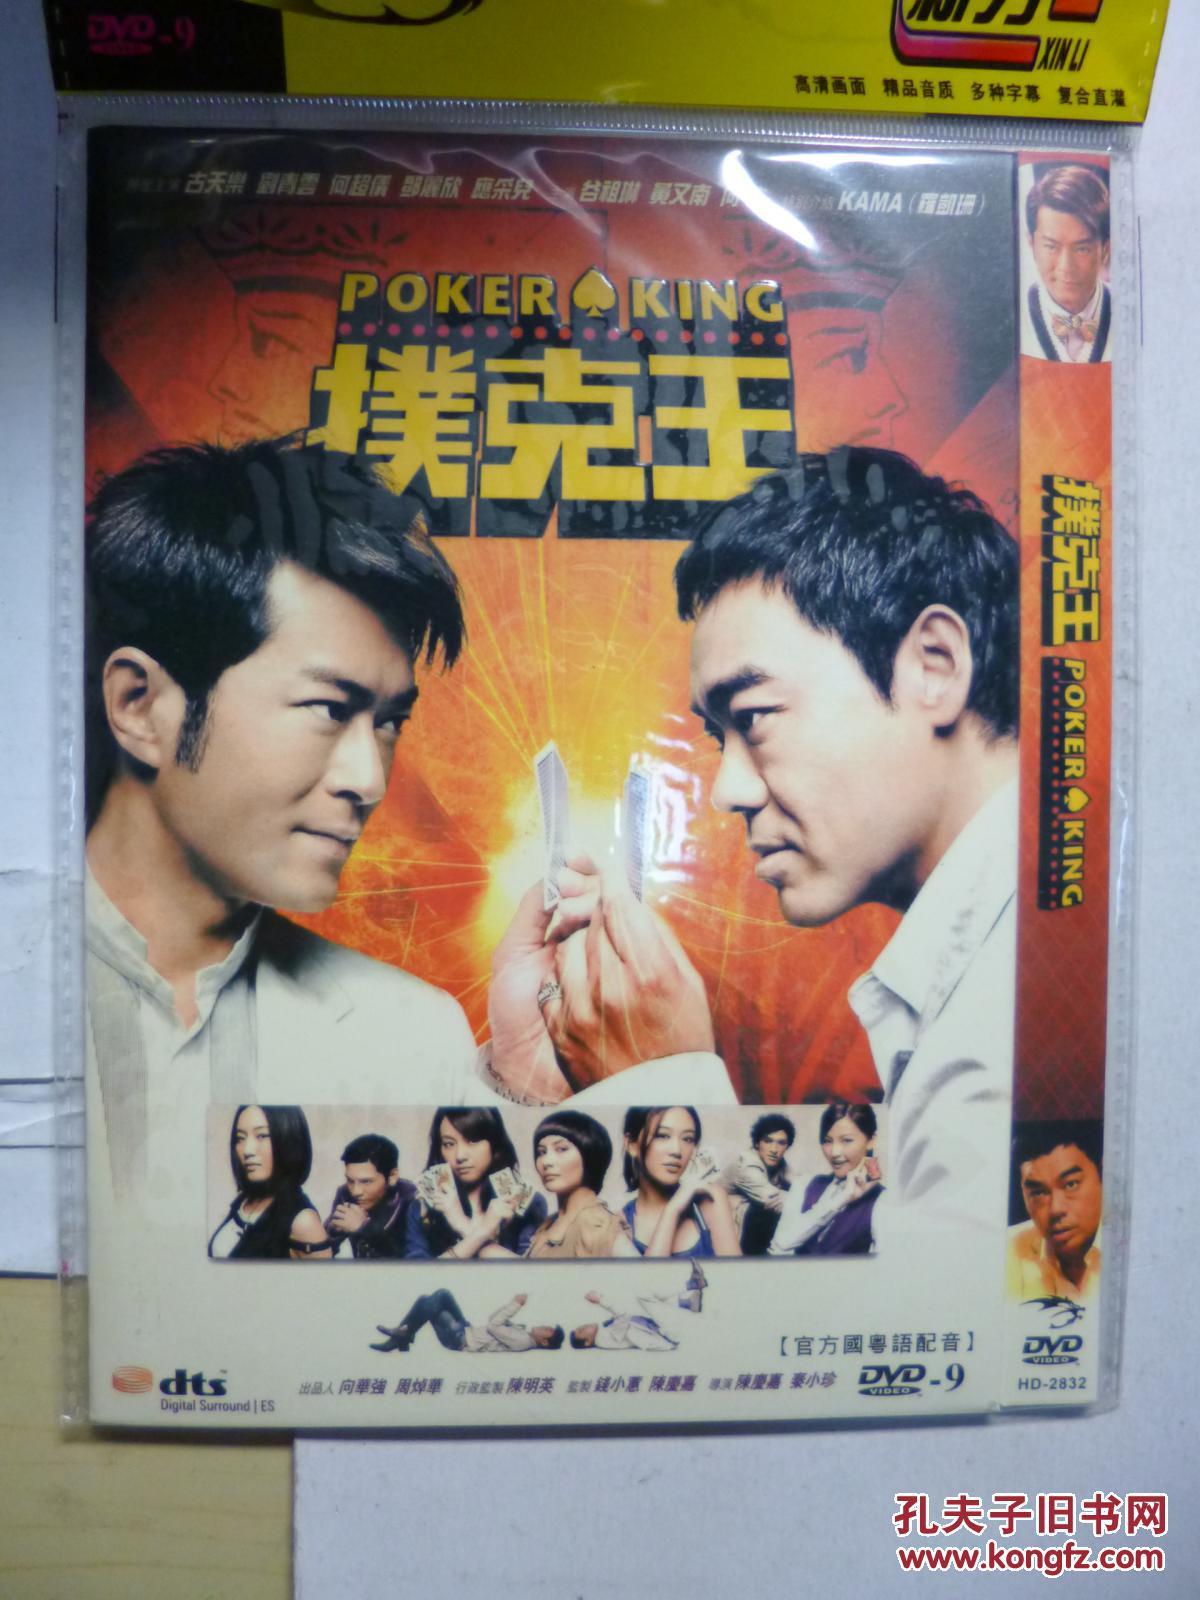 dvd 扑克王 扑克王 导演: 陈庆嘉 / 秦小珍 d9 港3 花絮 原版手册扫描